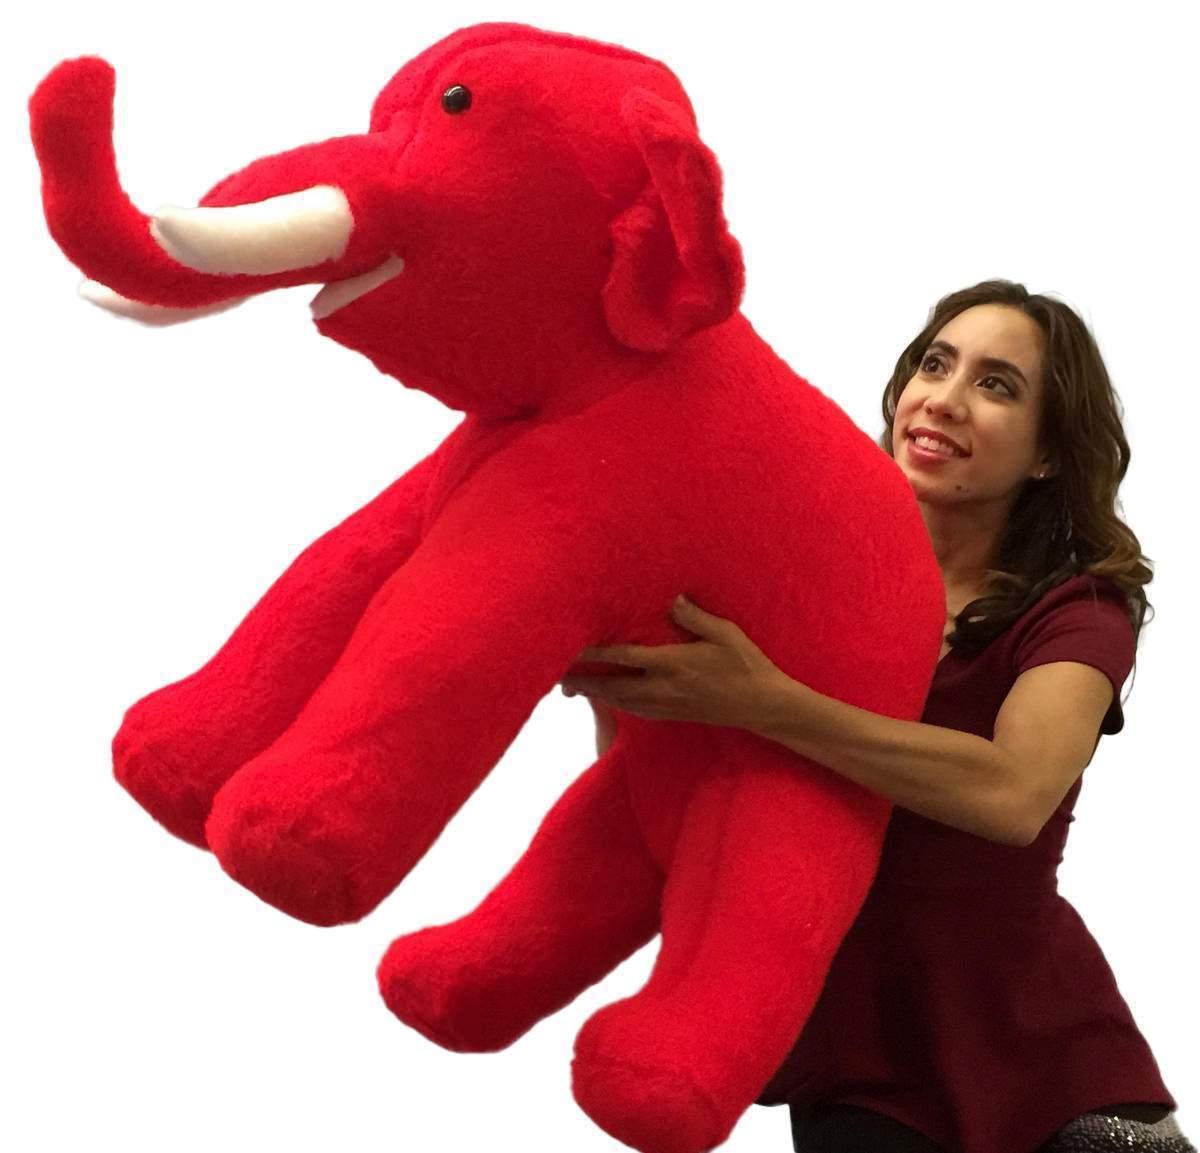 American Made Rot Groß Plüsch Rot Made Elefant 91.4cm Plüschtier Hergestellt in den USA a8ca76